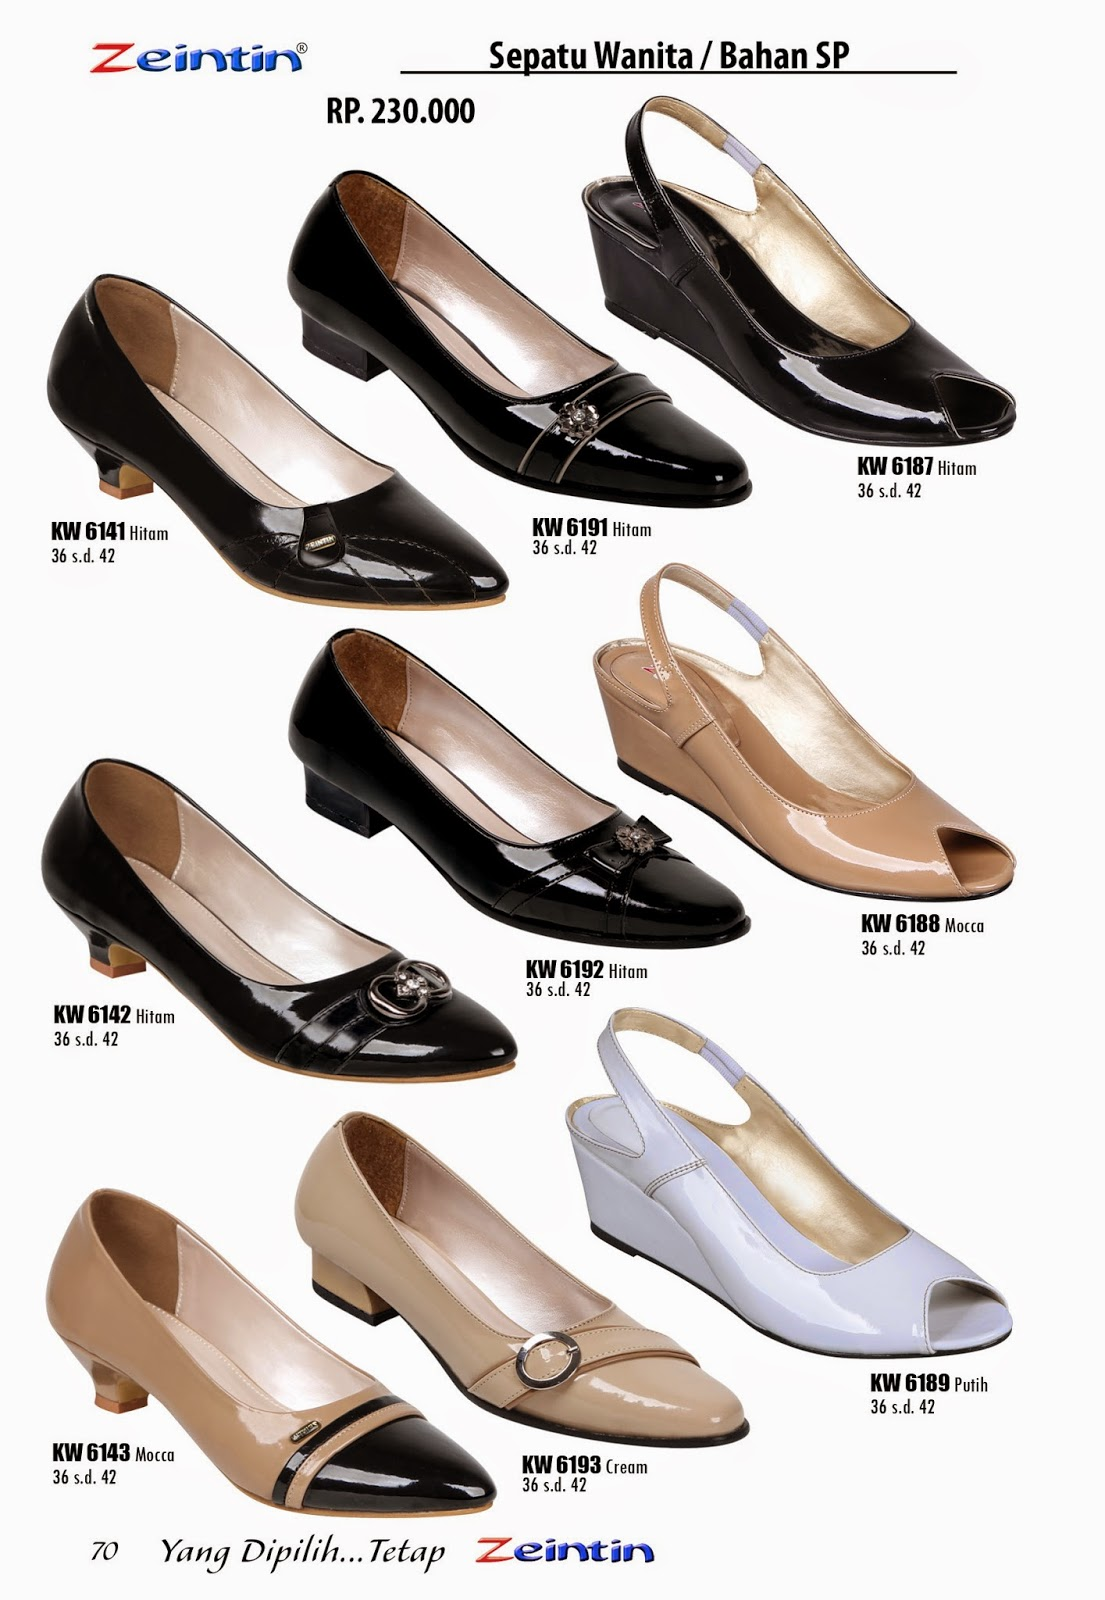 Sepatu Wanita Zeintin Katalog Edisi Brilian 11